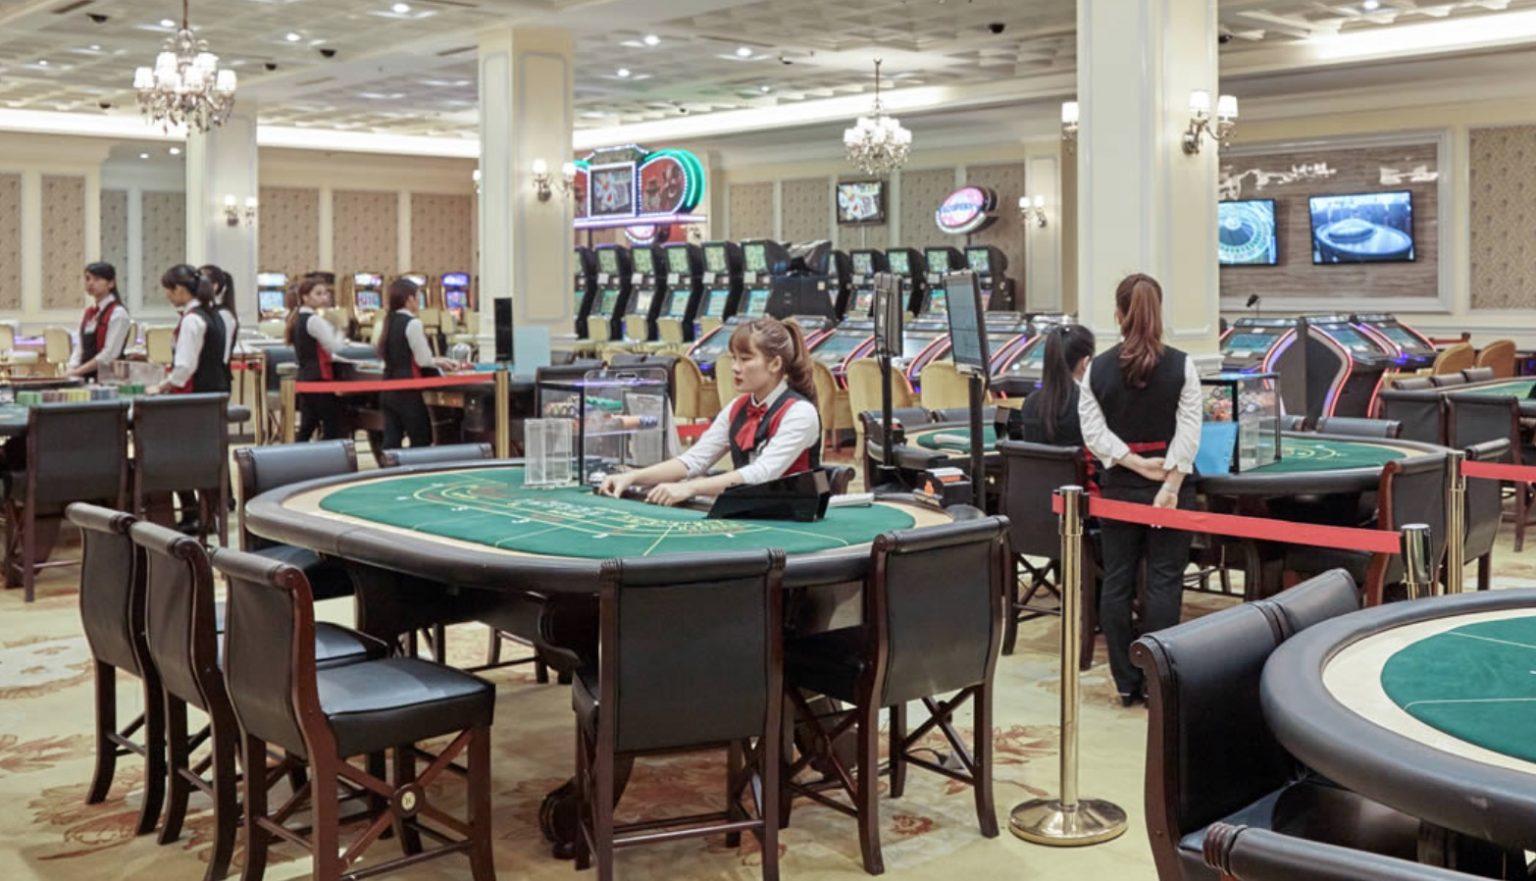 Bổ nhiệm nhân sự quản lý độc quyền các hoạt động trò chơi tại Royal Casino Hạ Long 1